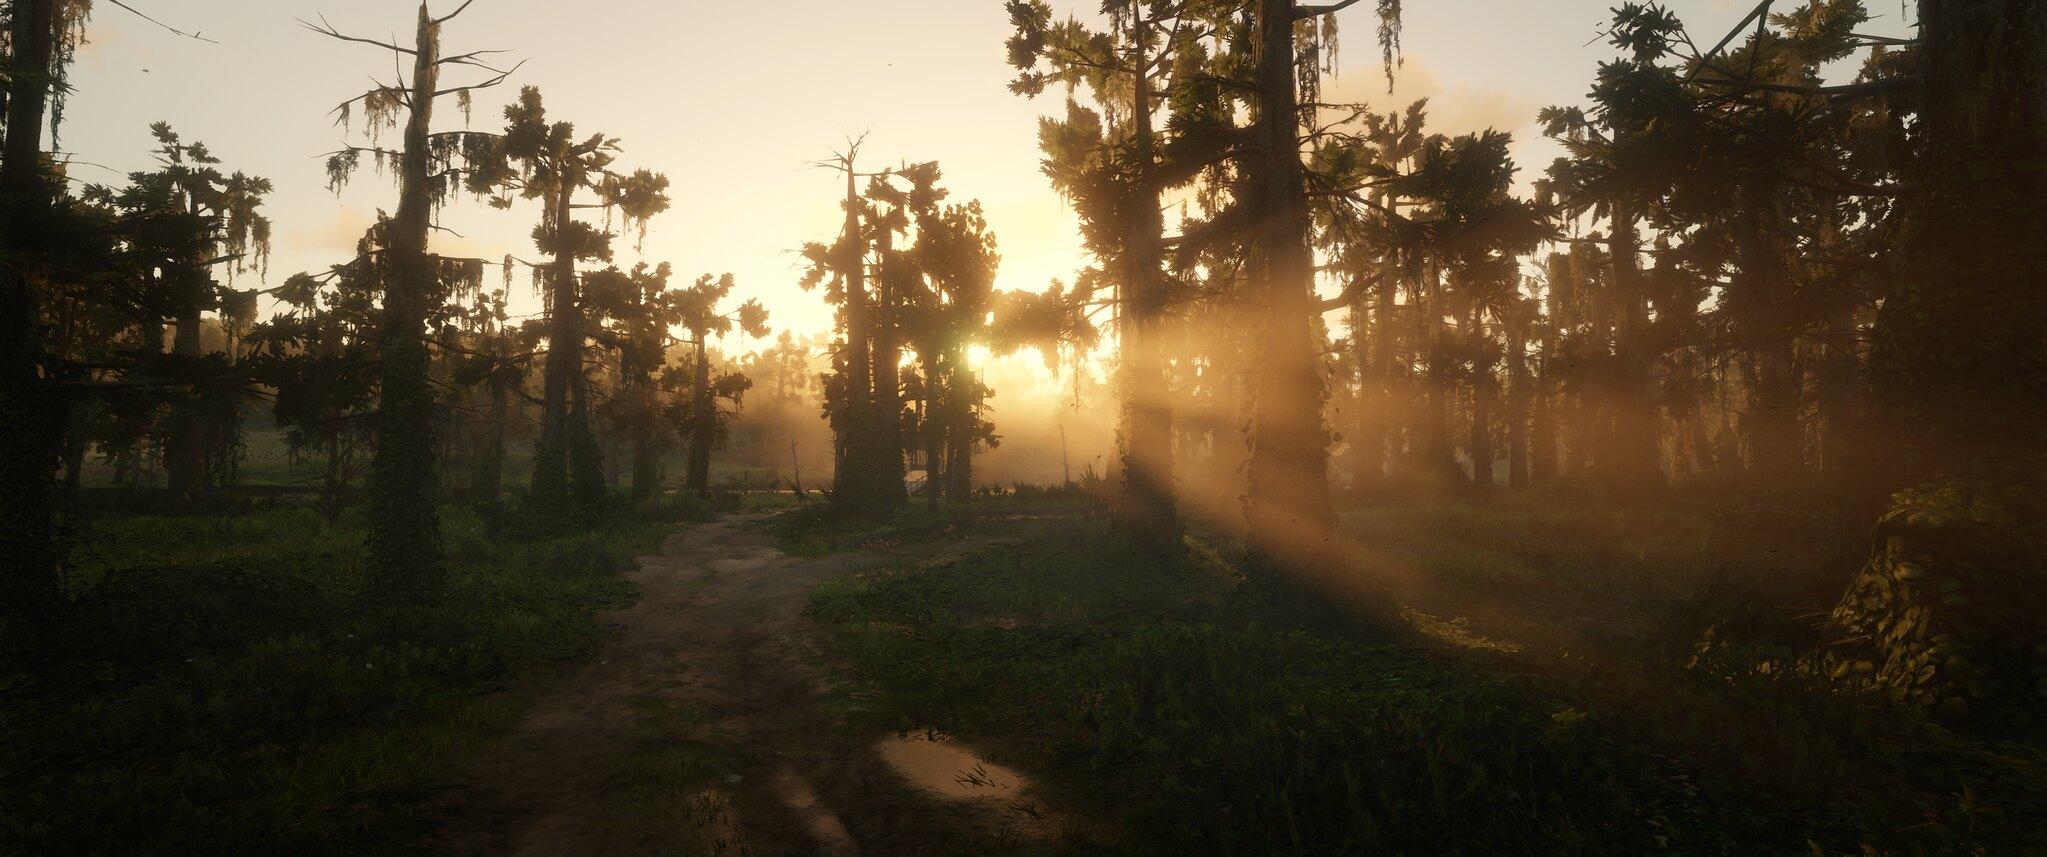 49066033338_828960c469_k.jpg - Red Dead Redemption 2